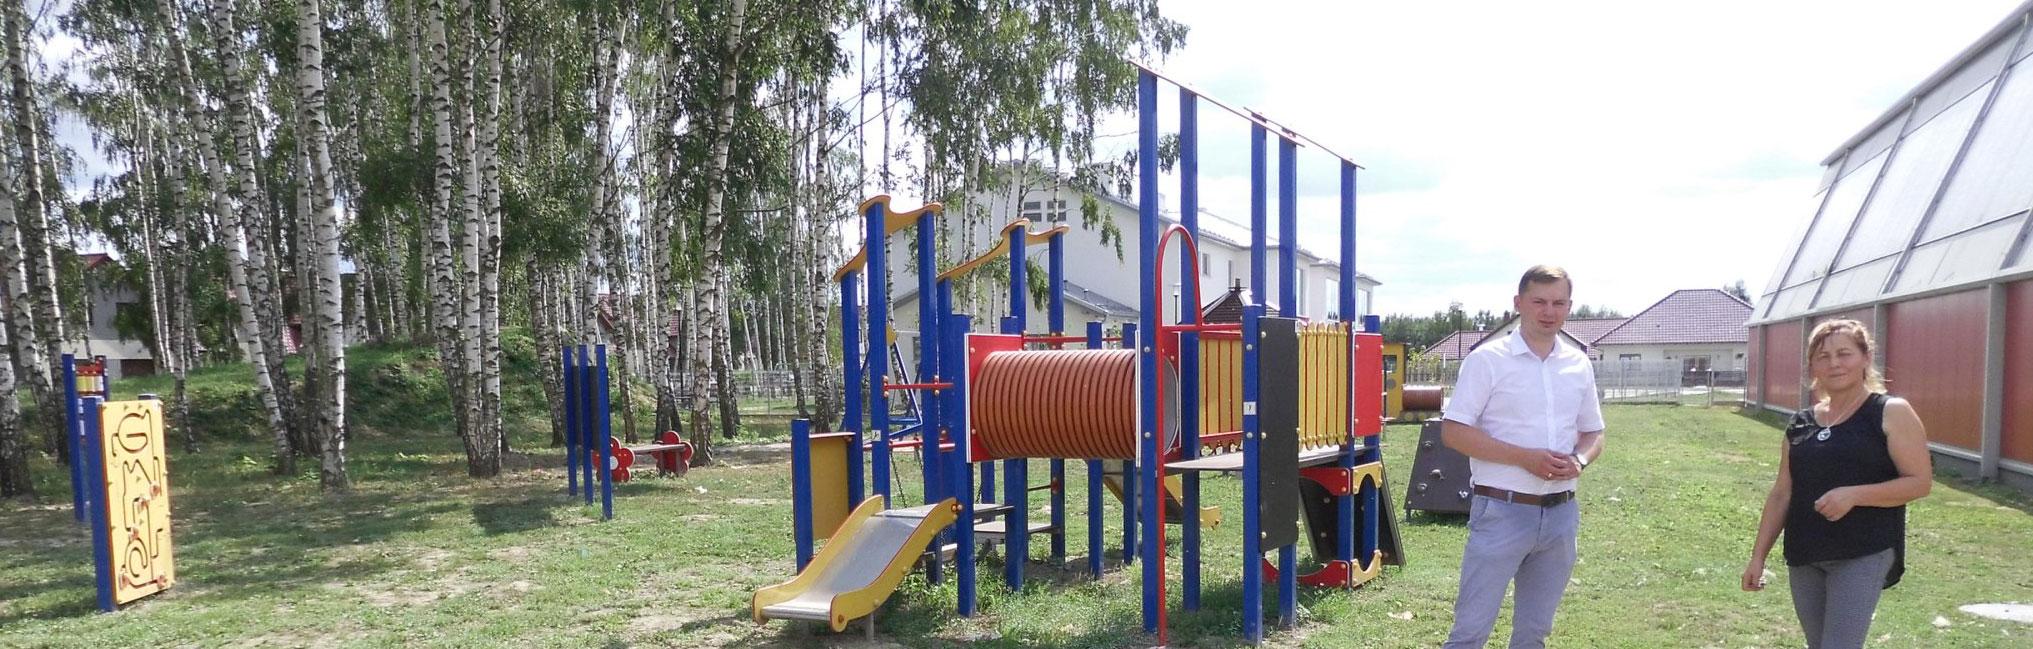 Plac zabaw ufundowany przez RMFFM czeka na dzieci